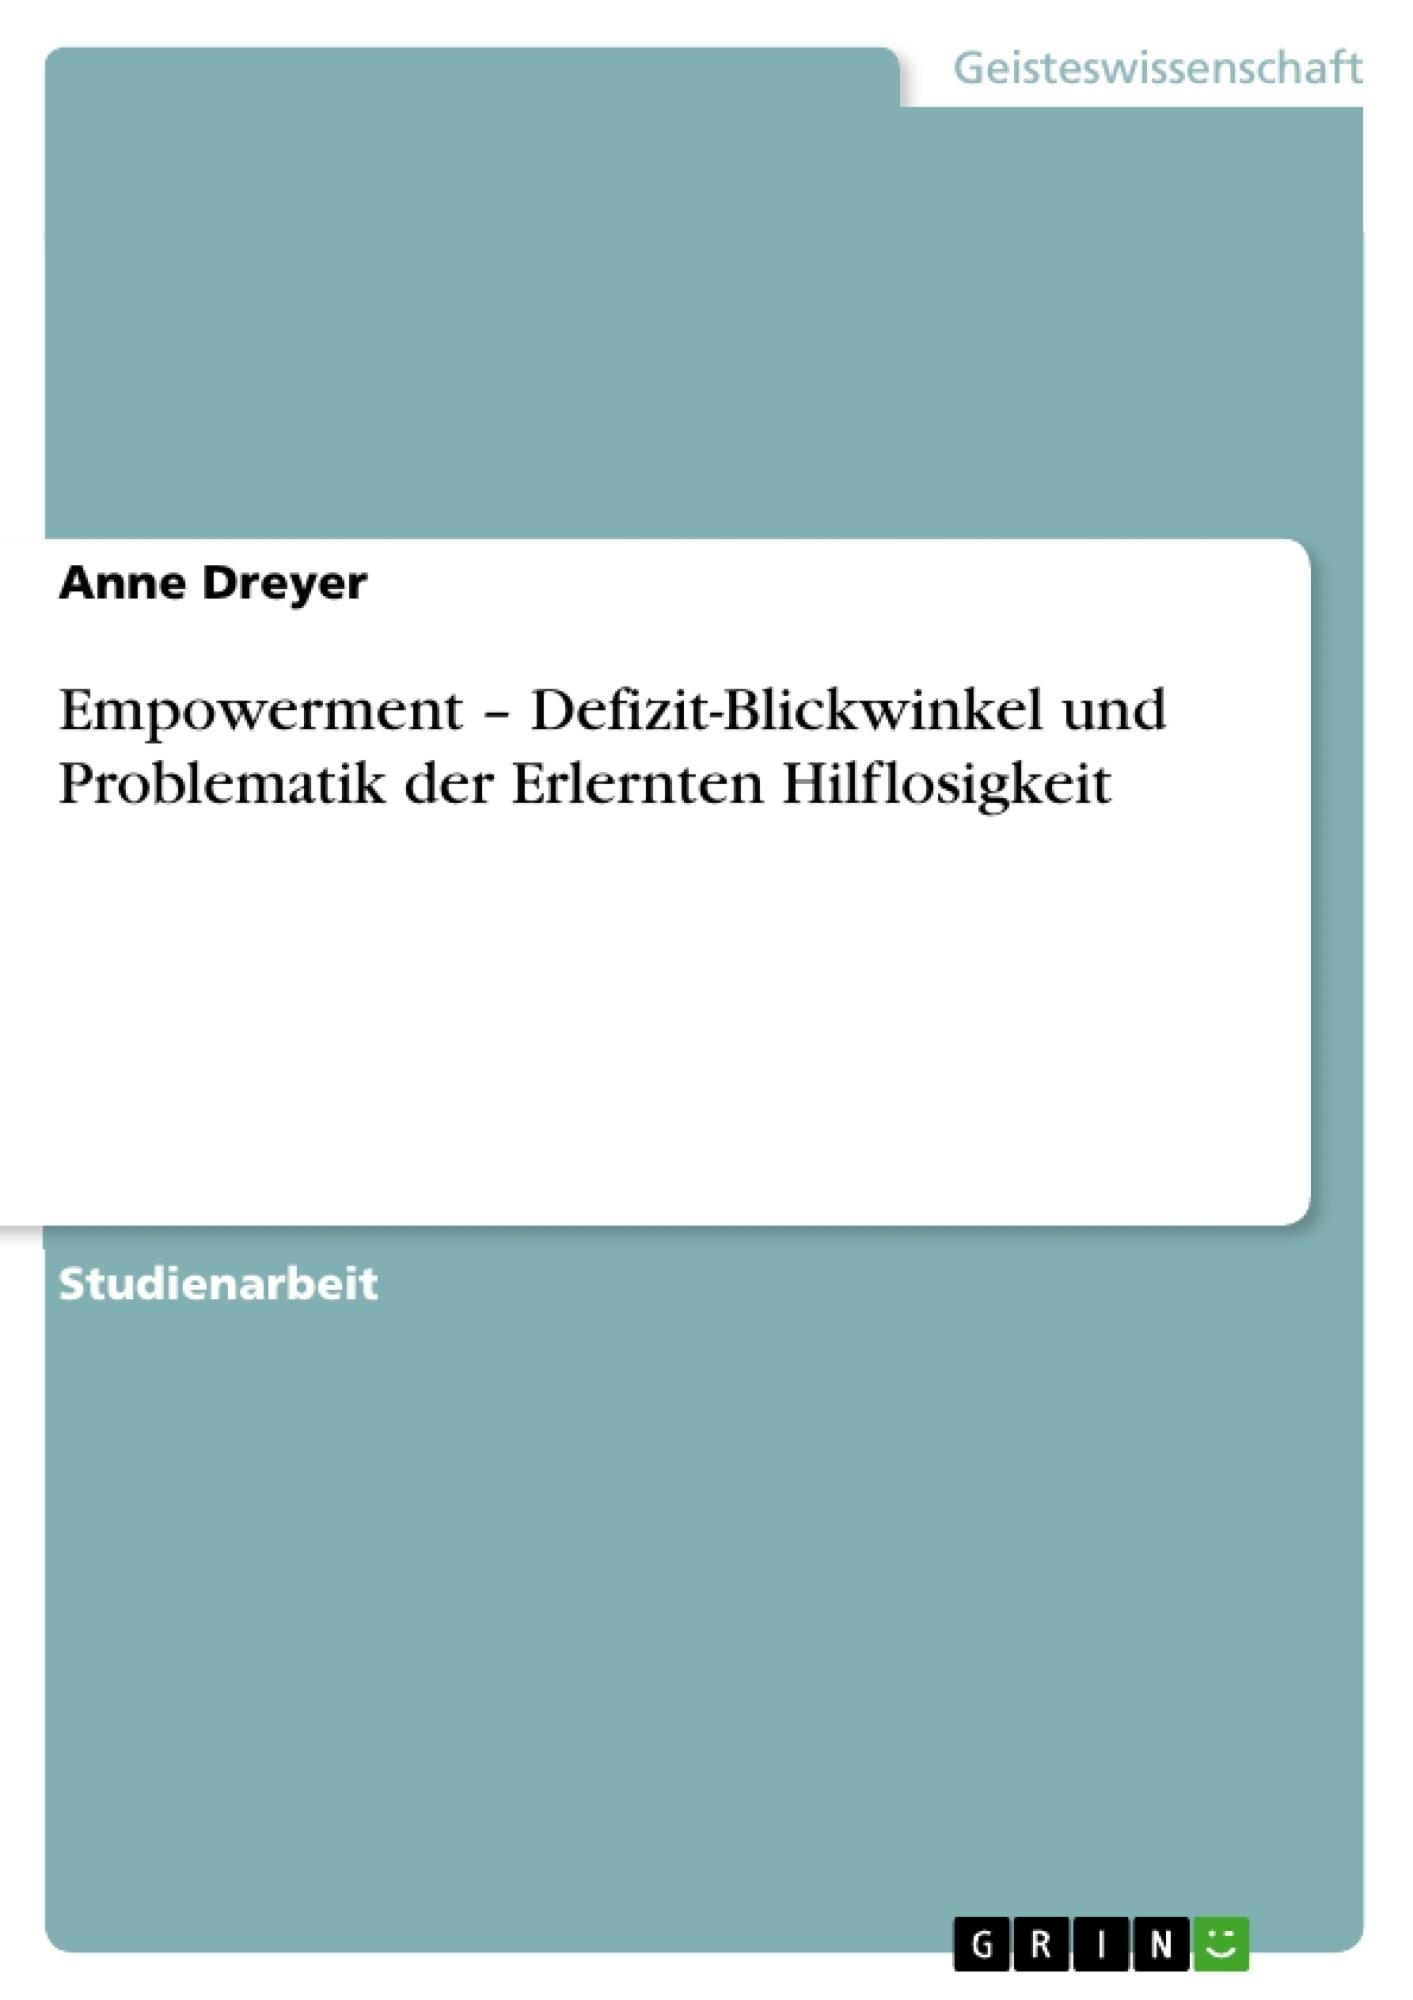 Titel: Empowerment – Defizit-Blickwinkel und Problematik der Erlernten Hilflosigkeit